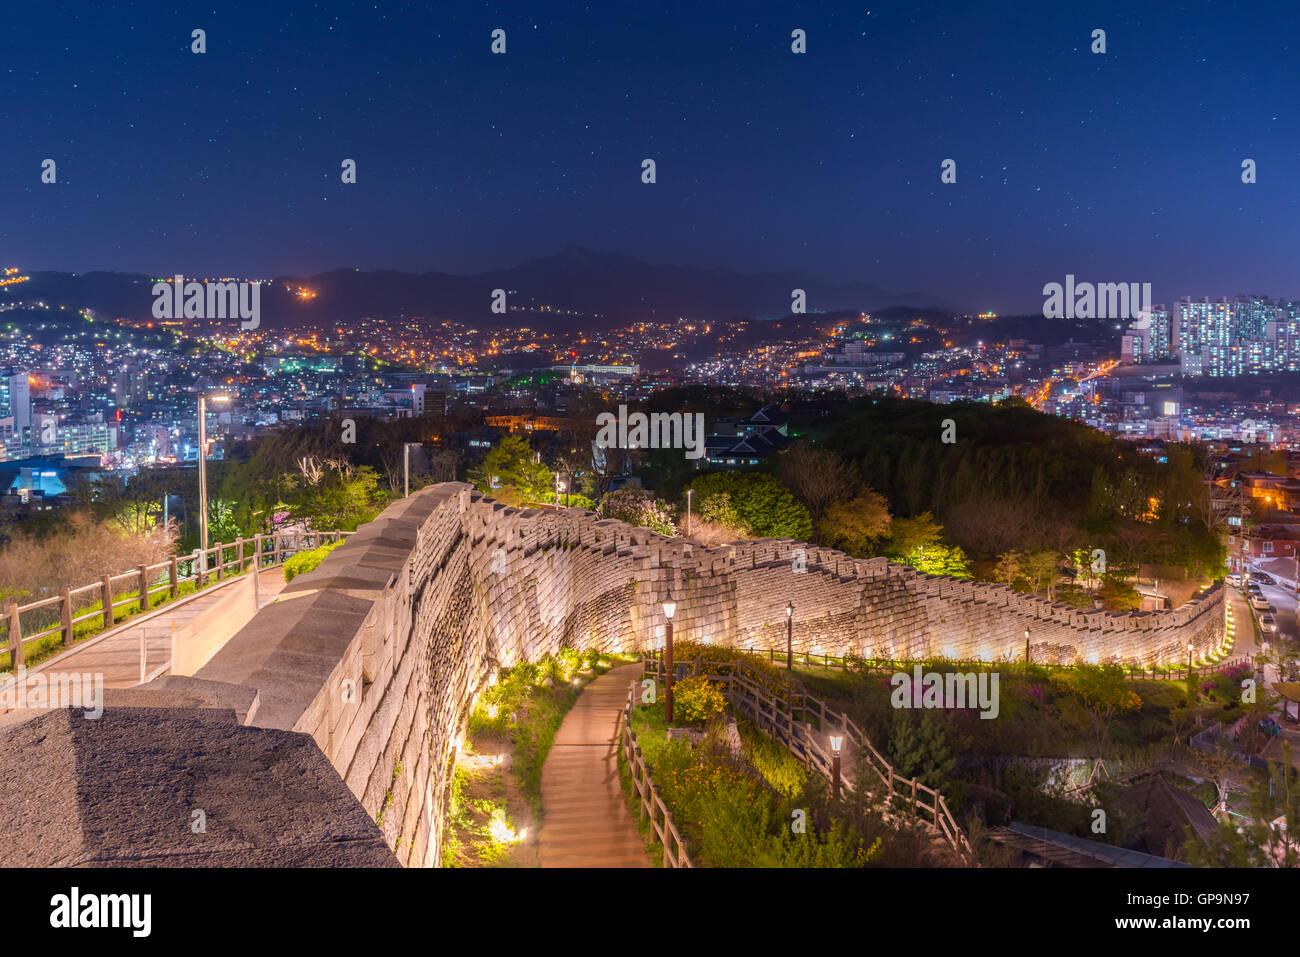 Seul di notte, la Corea del Sud lo skyline della citta'. Immagini Stock